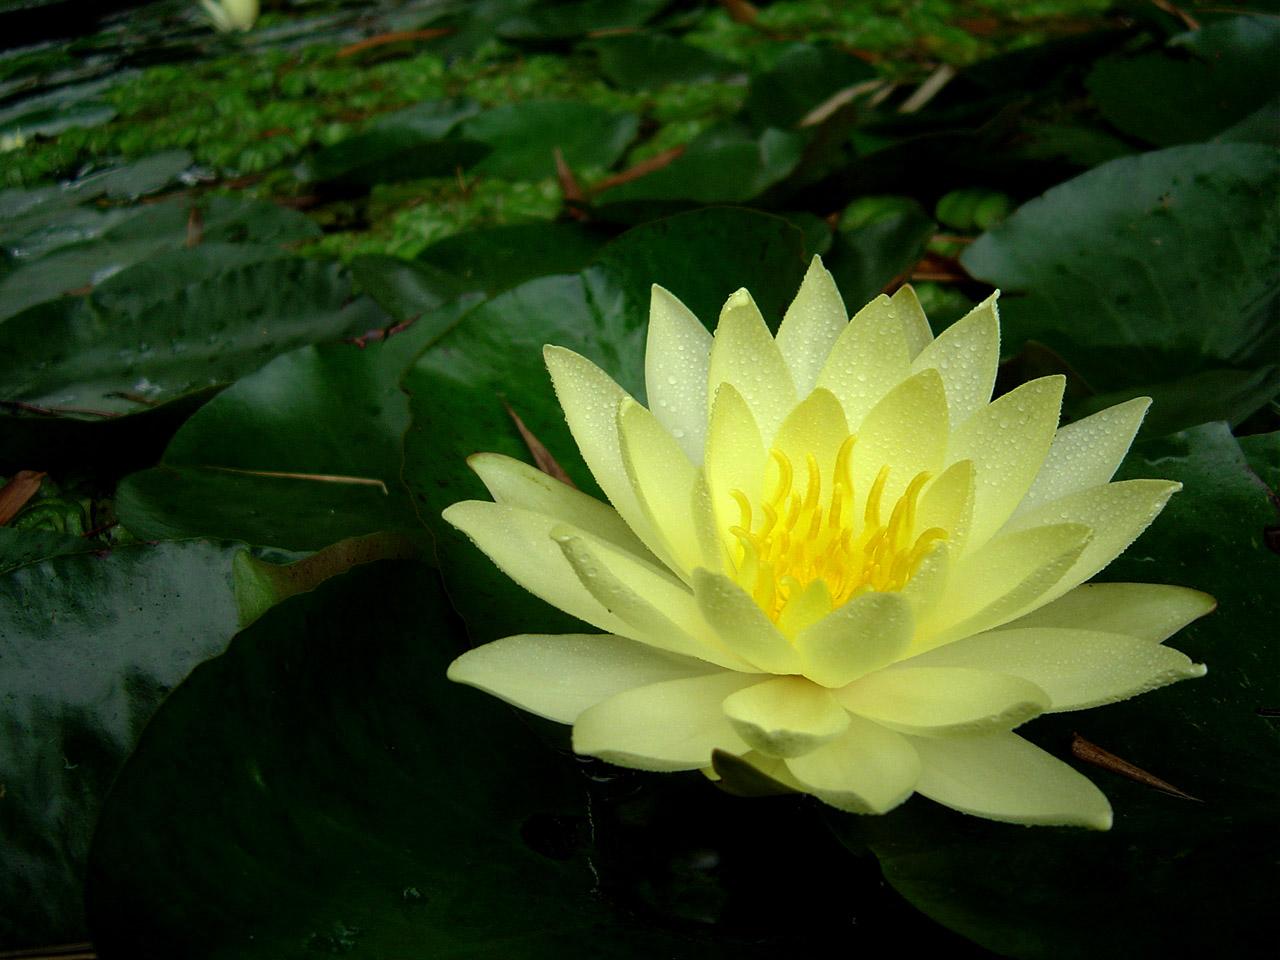 egípcias o branco nymphaea lotus e o azul nymphaea cerulea